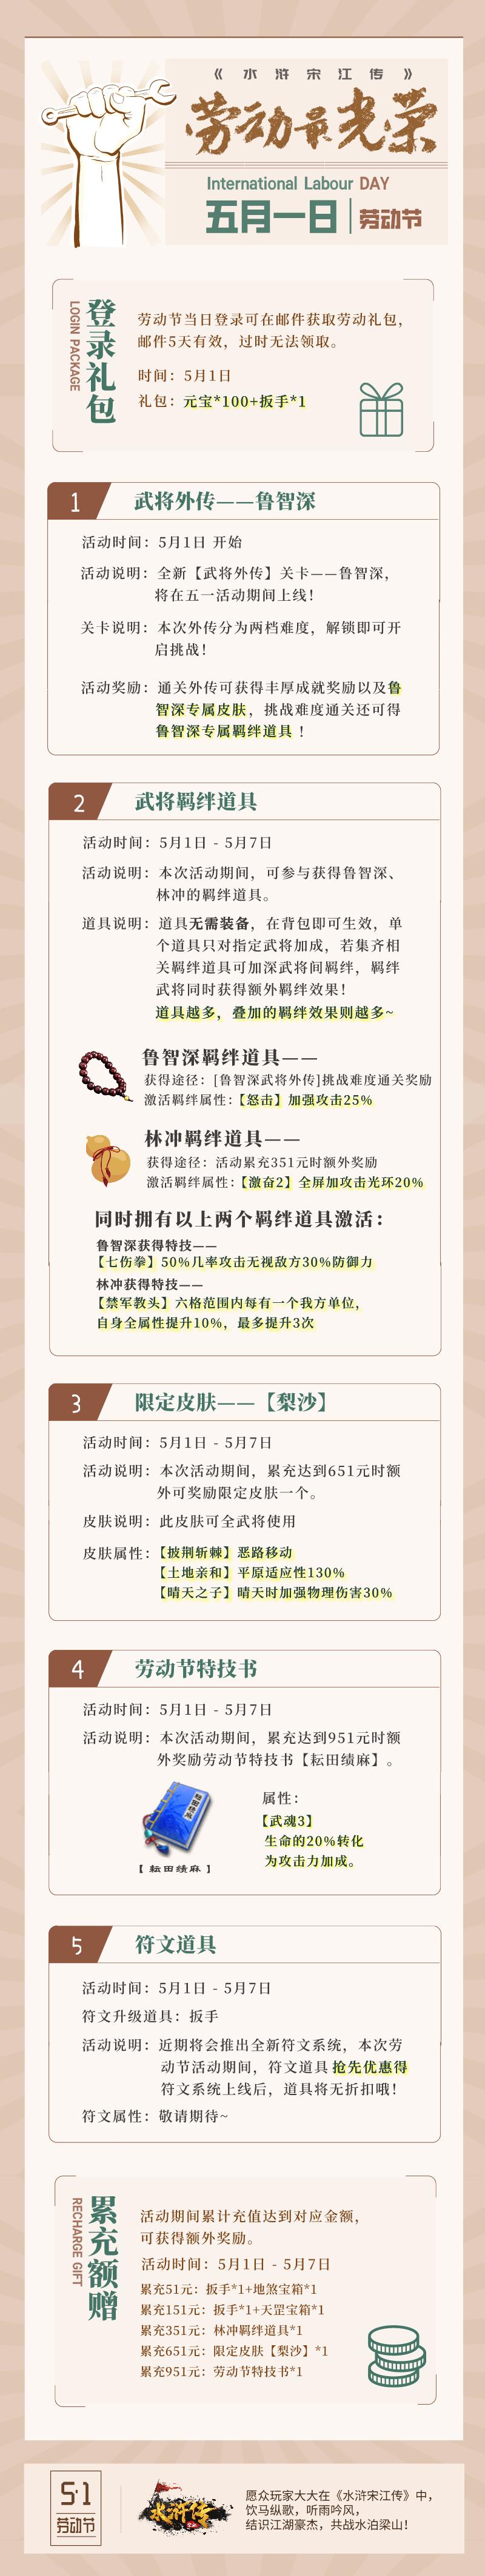 超强惊喜《水浒宋江传》开启时间5月1号